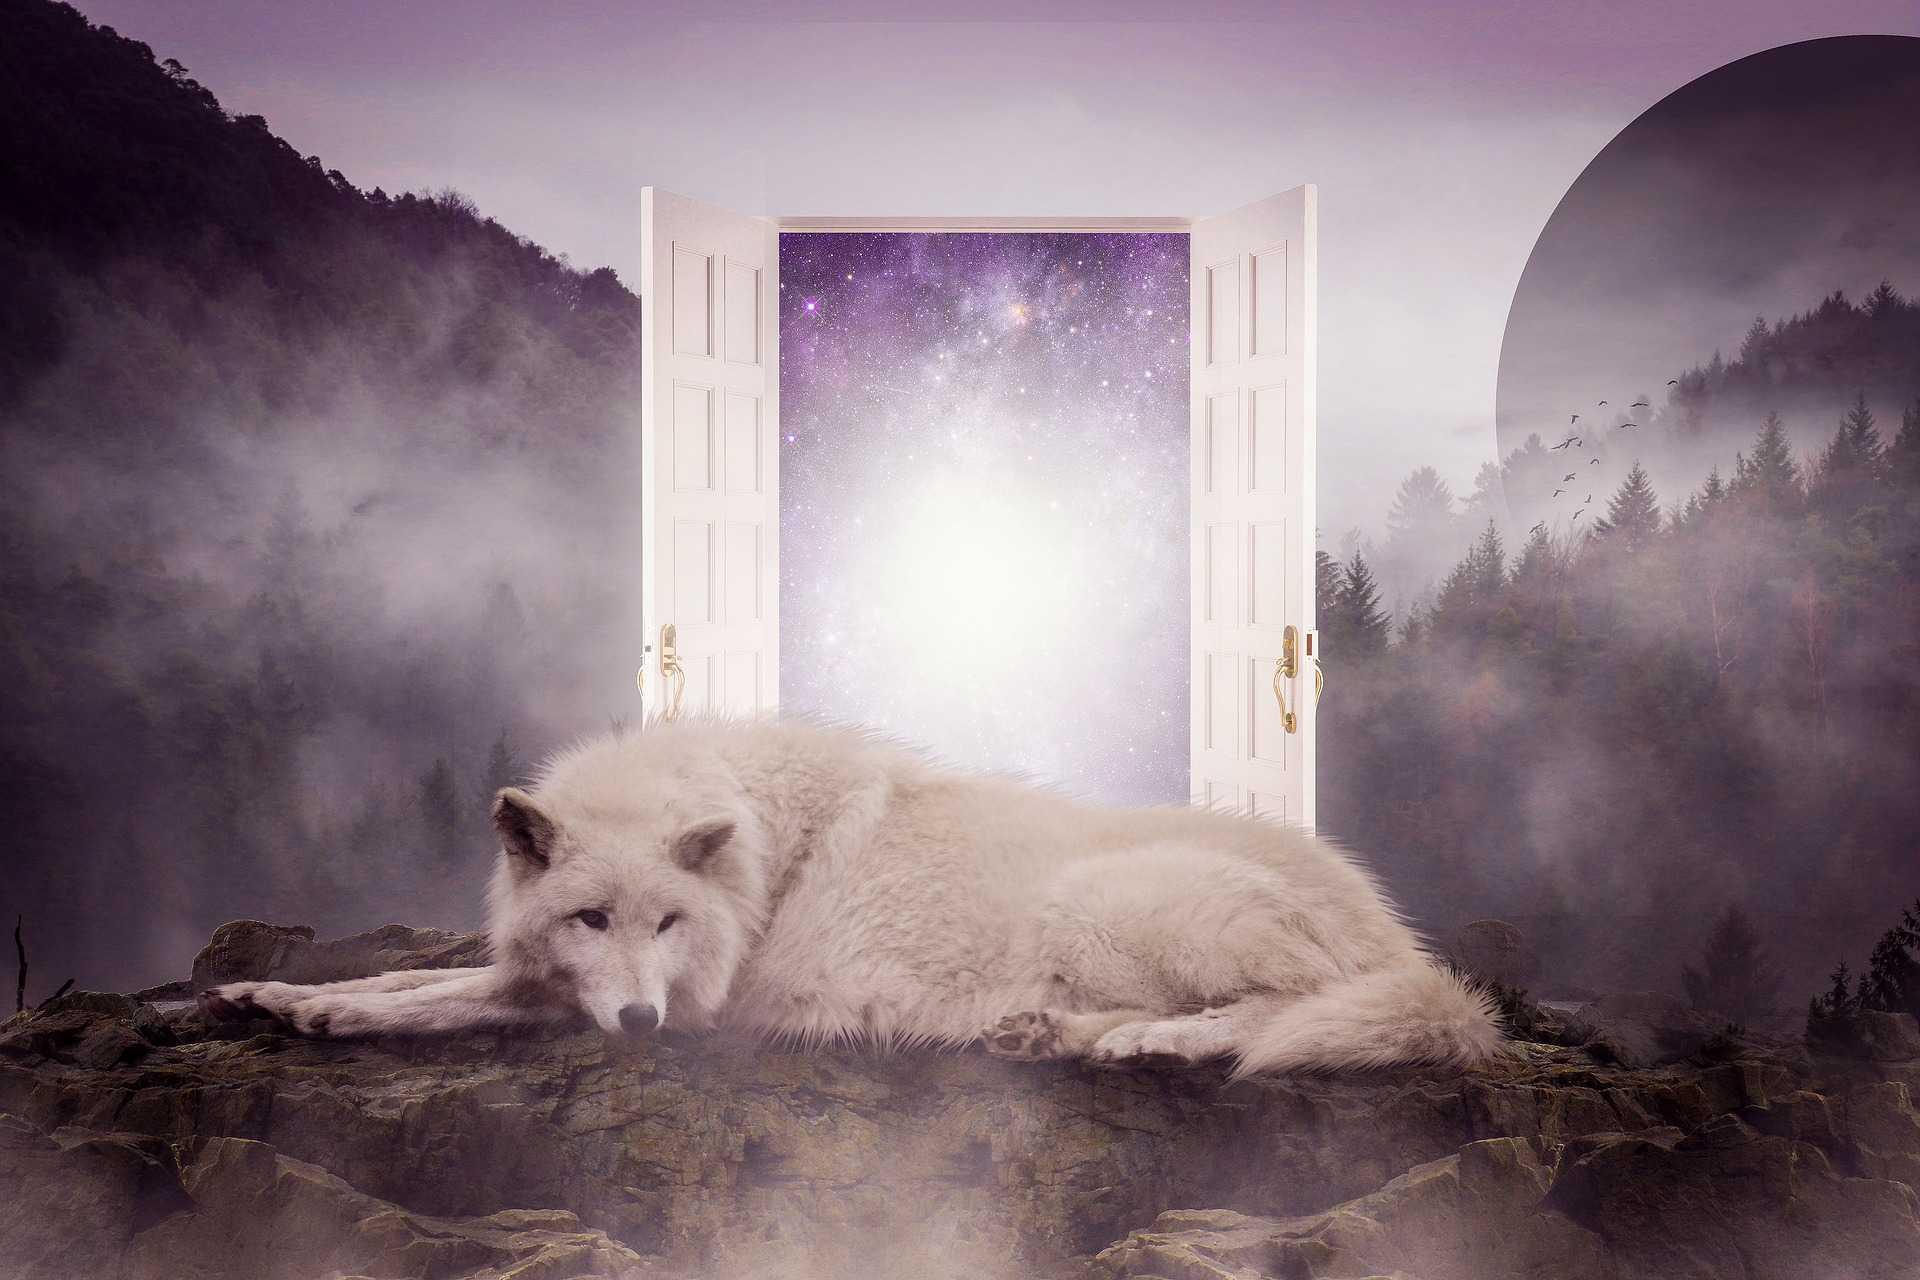 נשימה מודעת. לשחרר את הזאבה